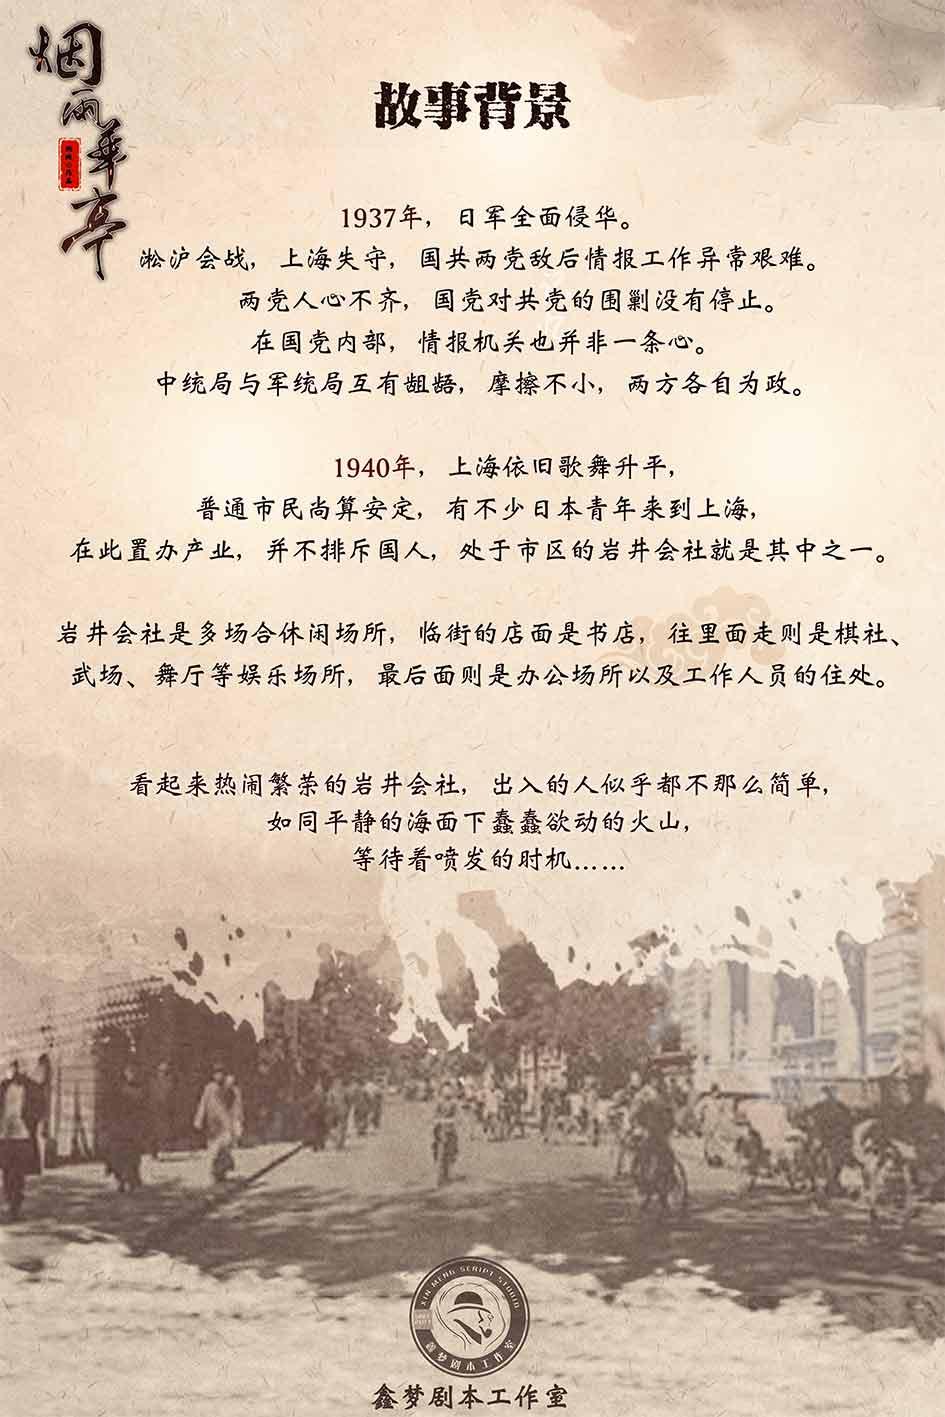 『烟雨华亭』剧本杀复盘真相答案 解析凶手是谁 剧透测评